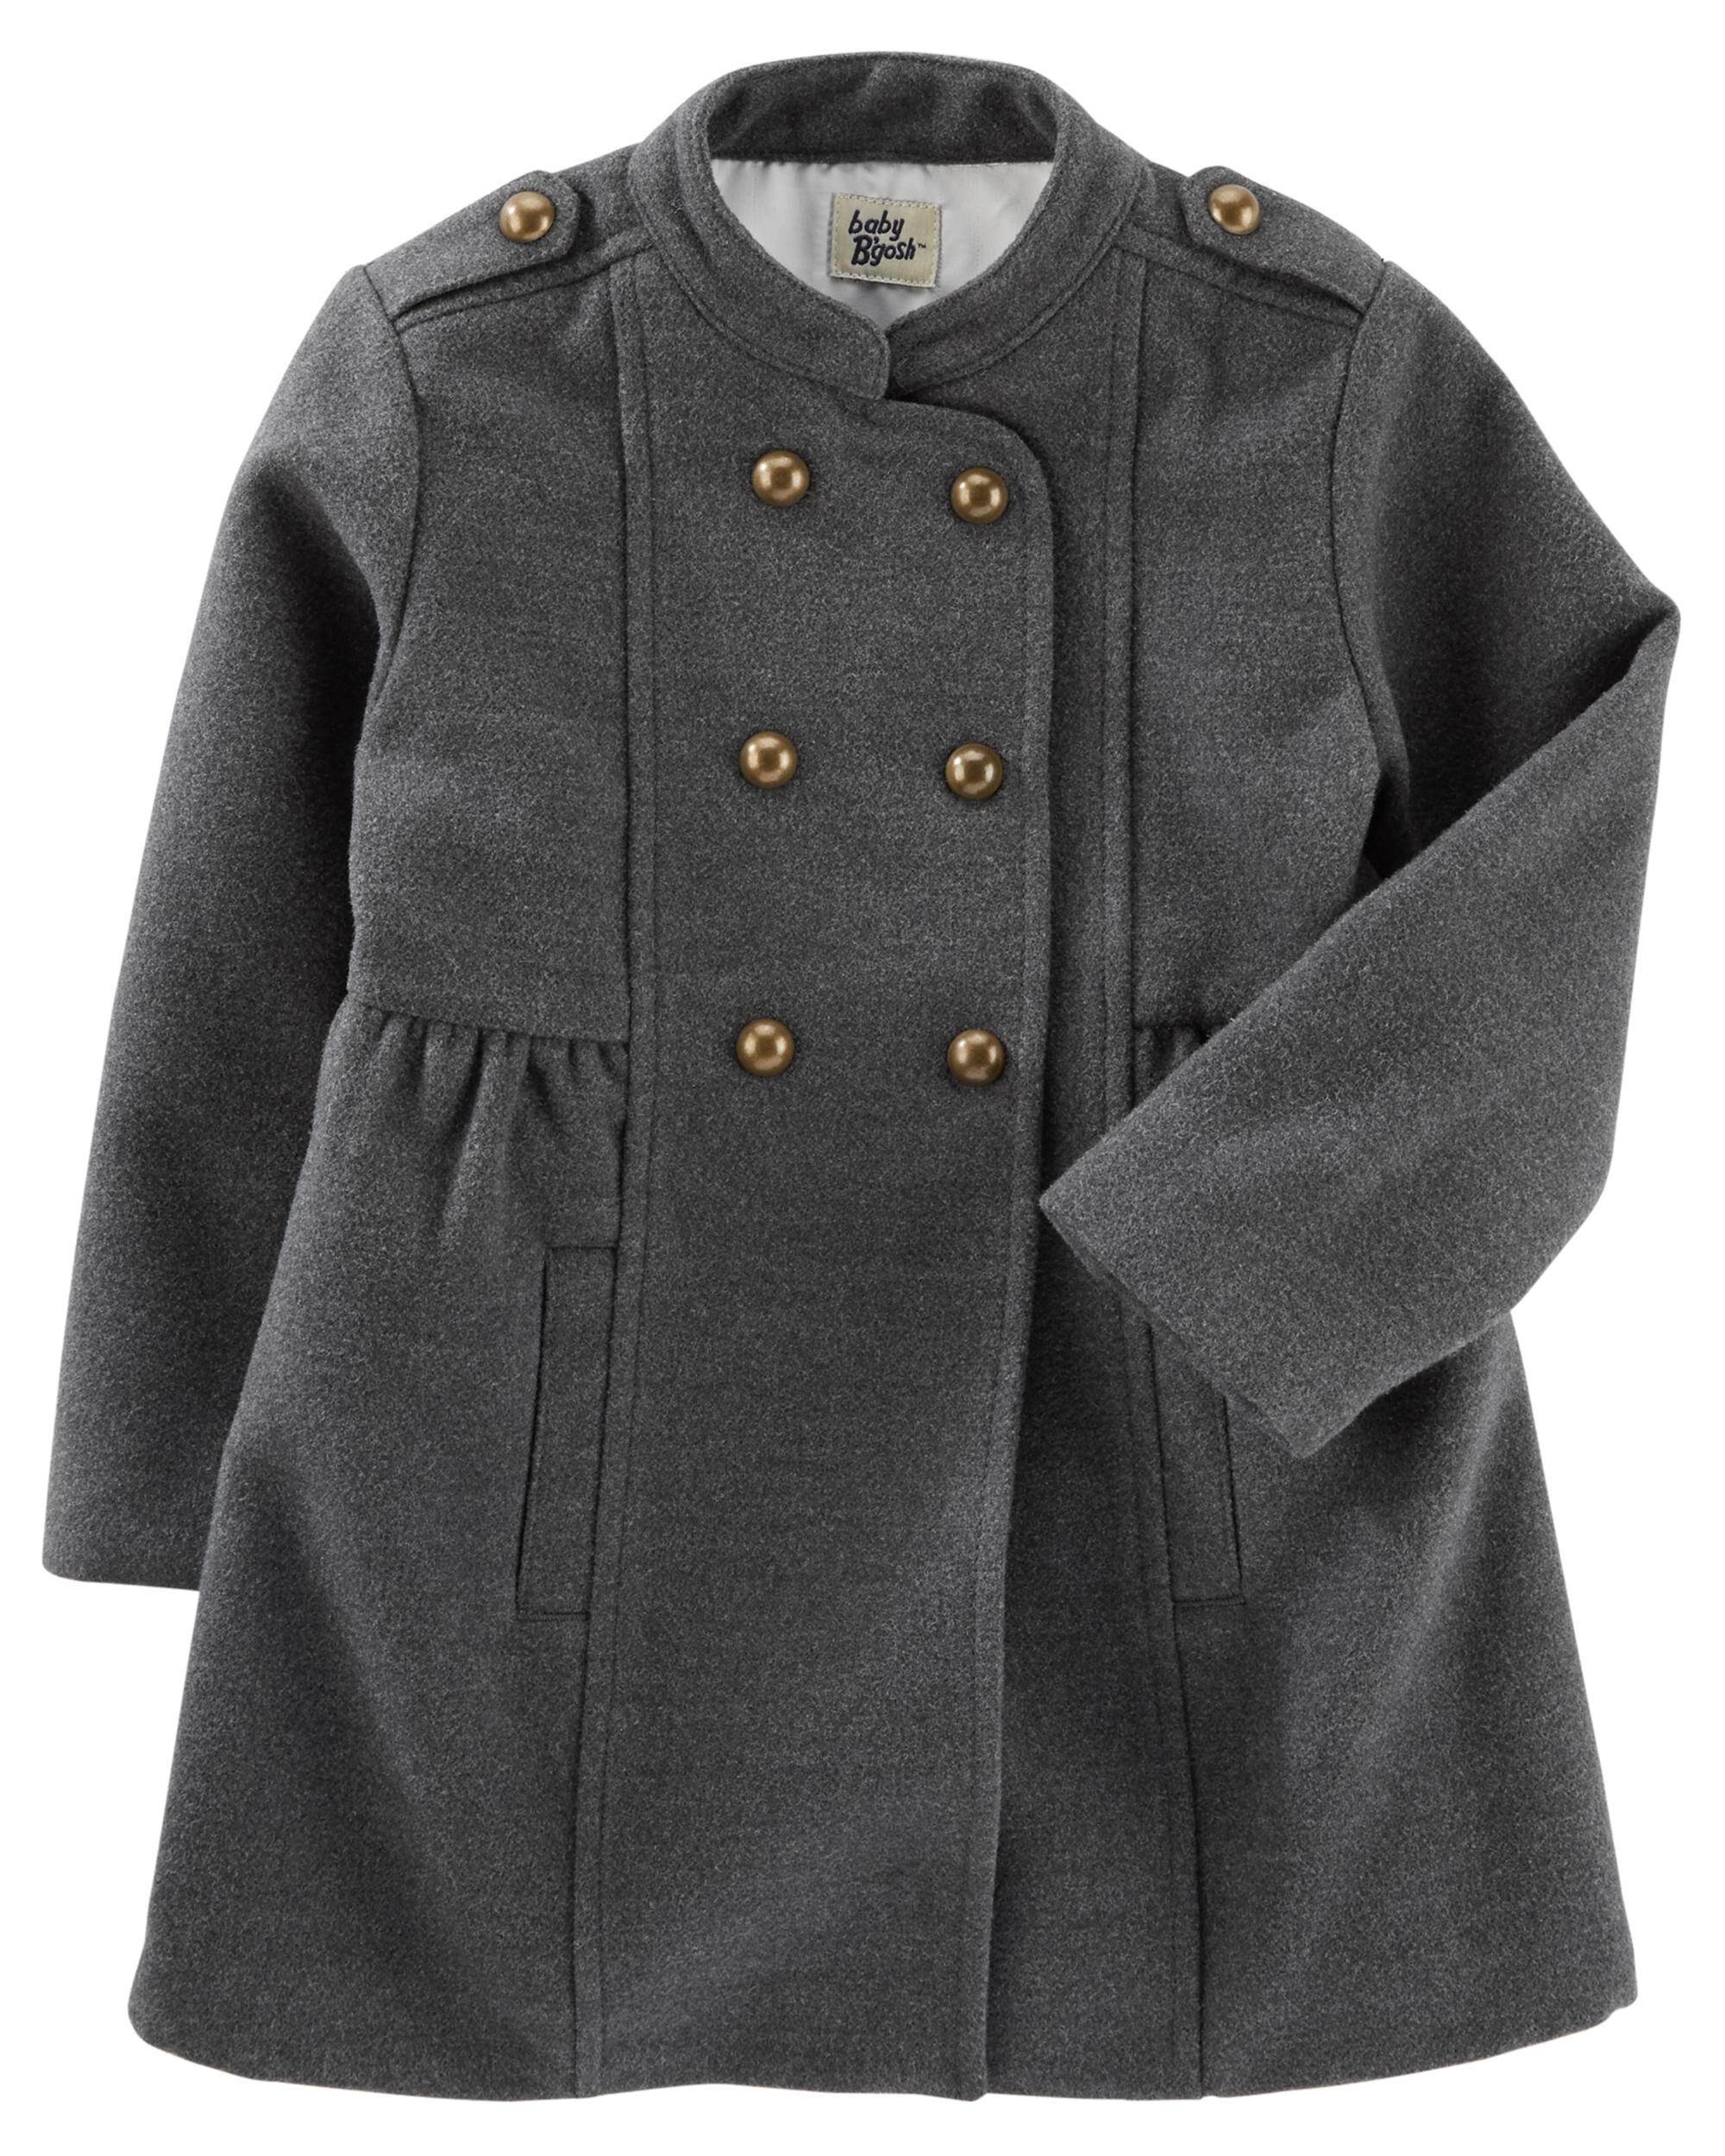 c71e98326 Double-Breasted Coat